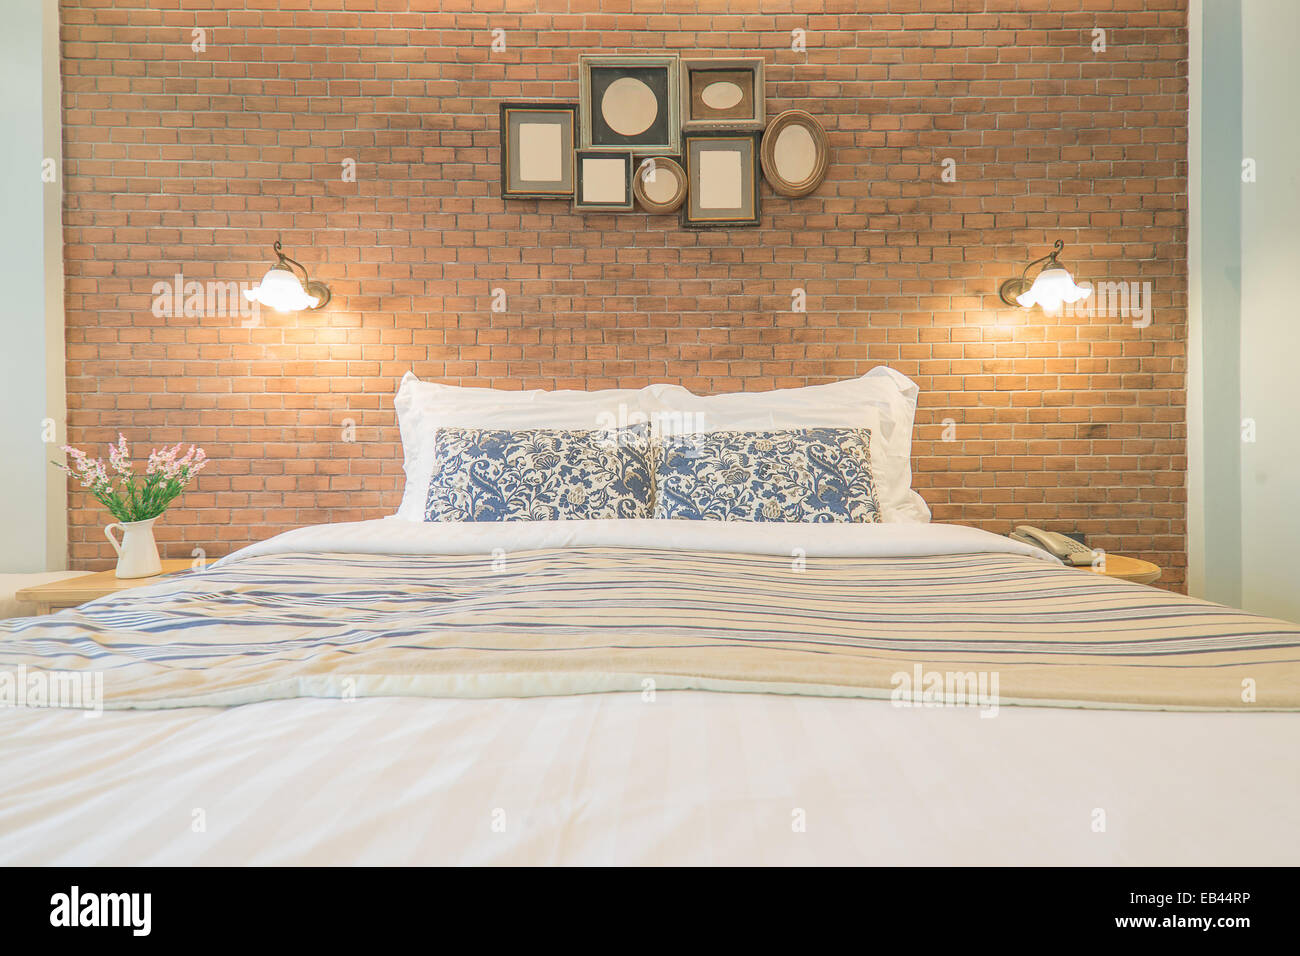 Stile country inglese camera da letto Foto & Immagine Stock ...